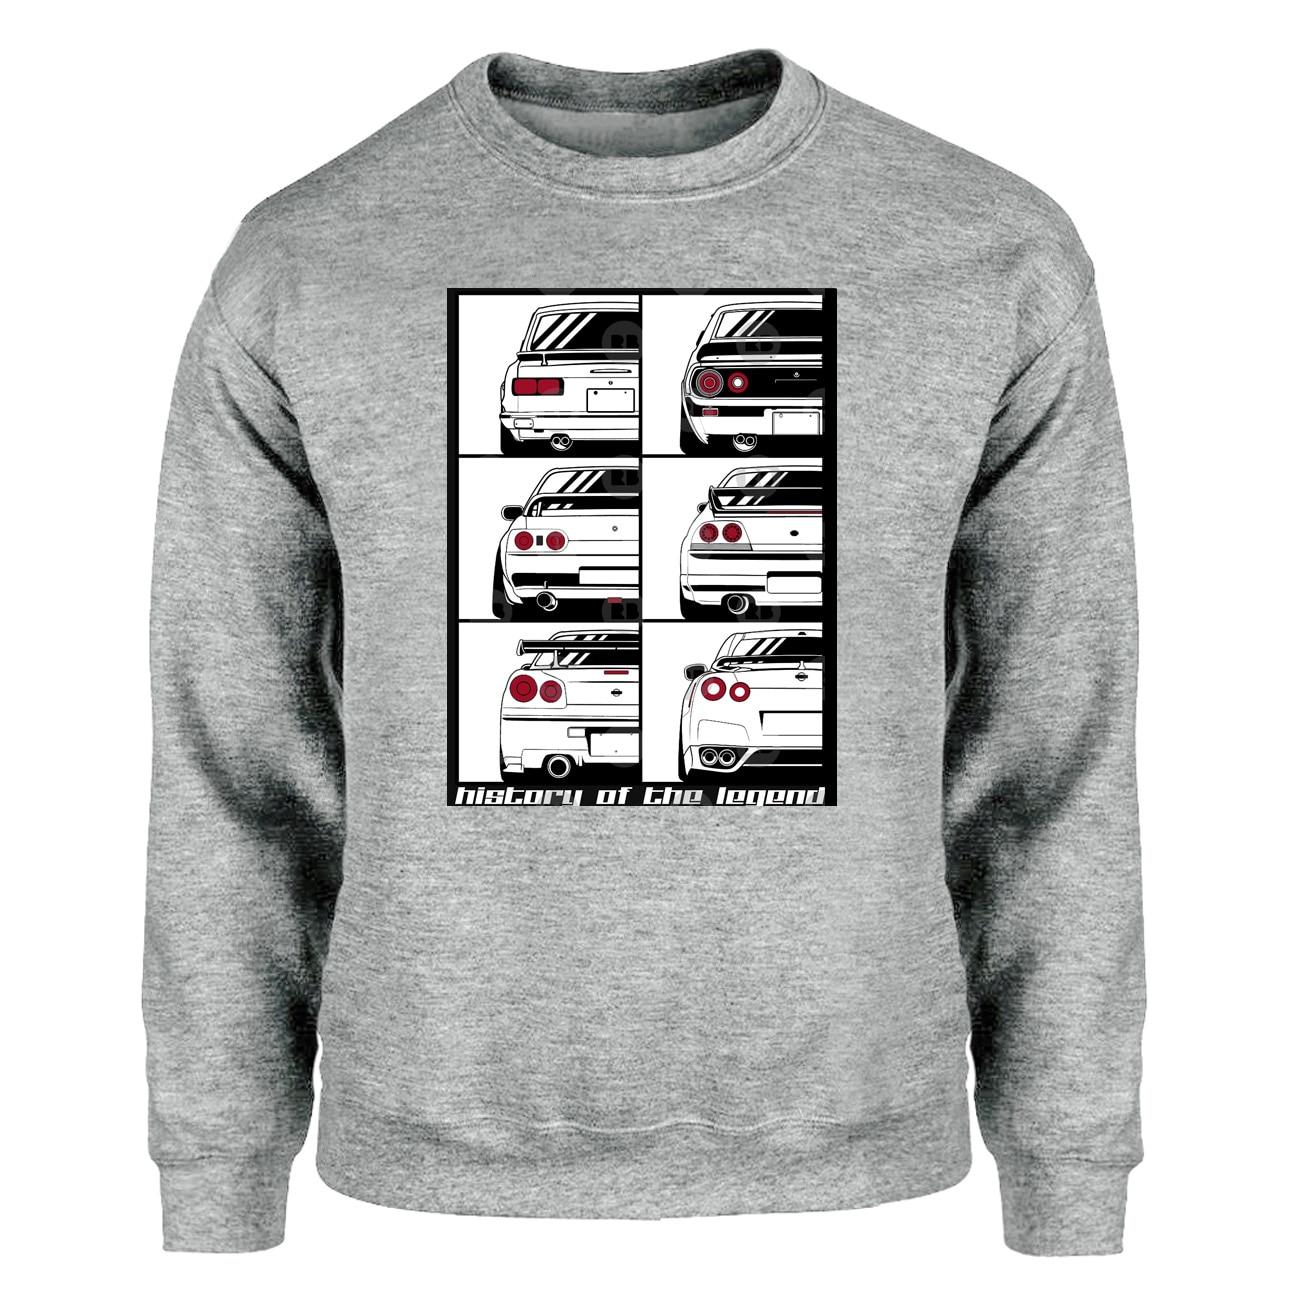 Novelty GTR Car Sweatshirt Men Cartoon Funny Skyline Graphic Crewneck Sweatshirts Hoodies Warm Streetwear Harajuku Sportswear